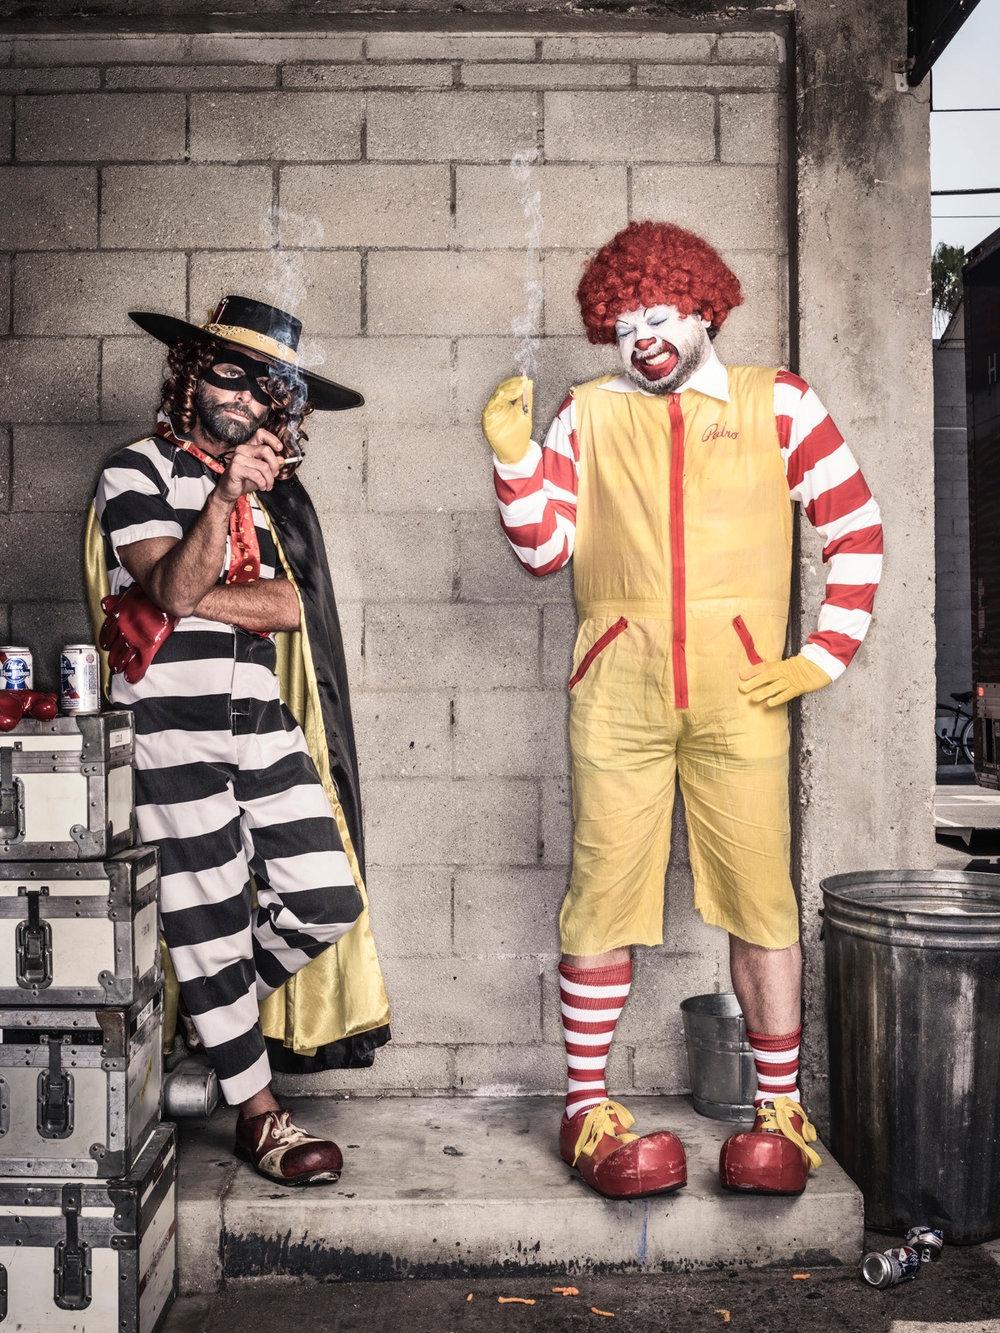 Walton Goggins and Danny McBride for GQ  Photo: Dan Winters